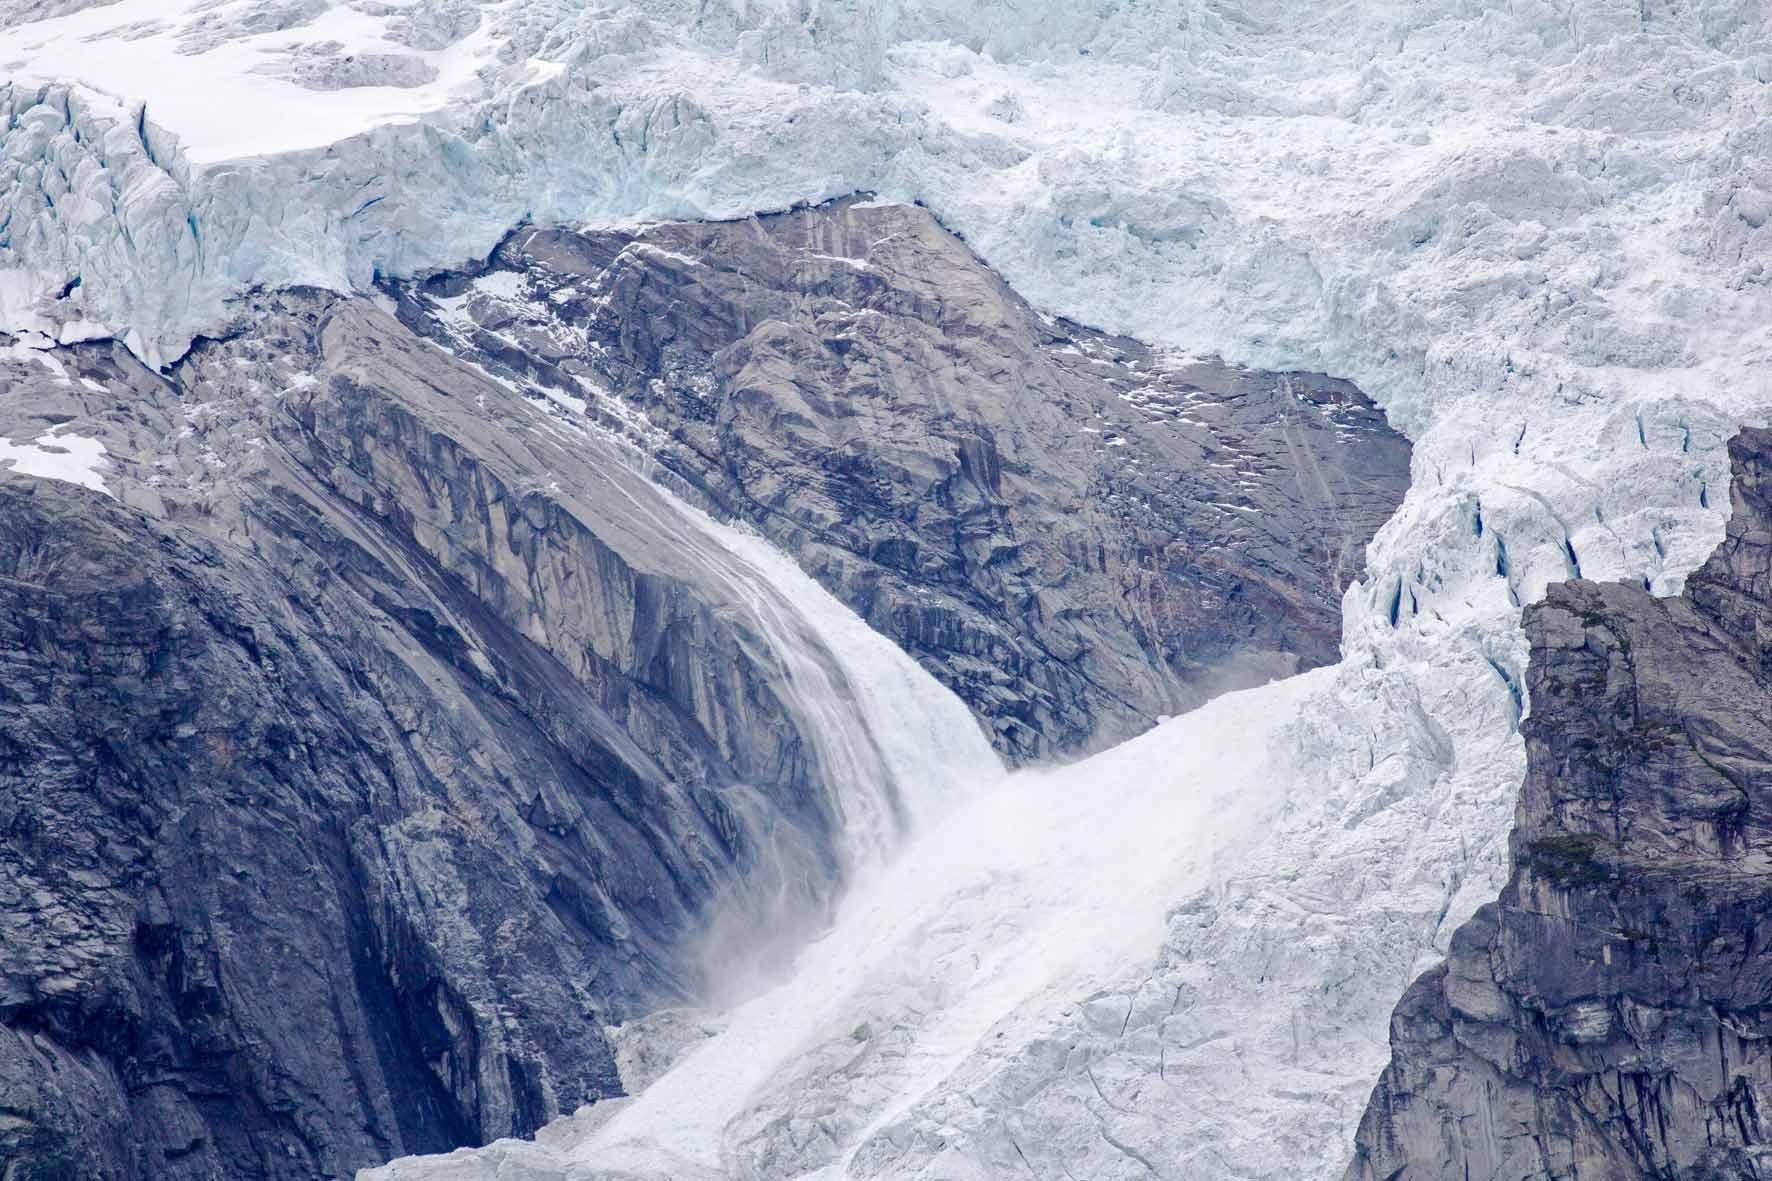 Eisfall am Austerdalsbreen